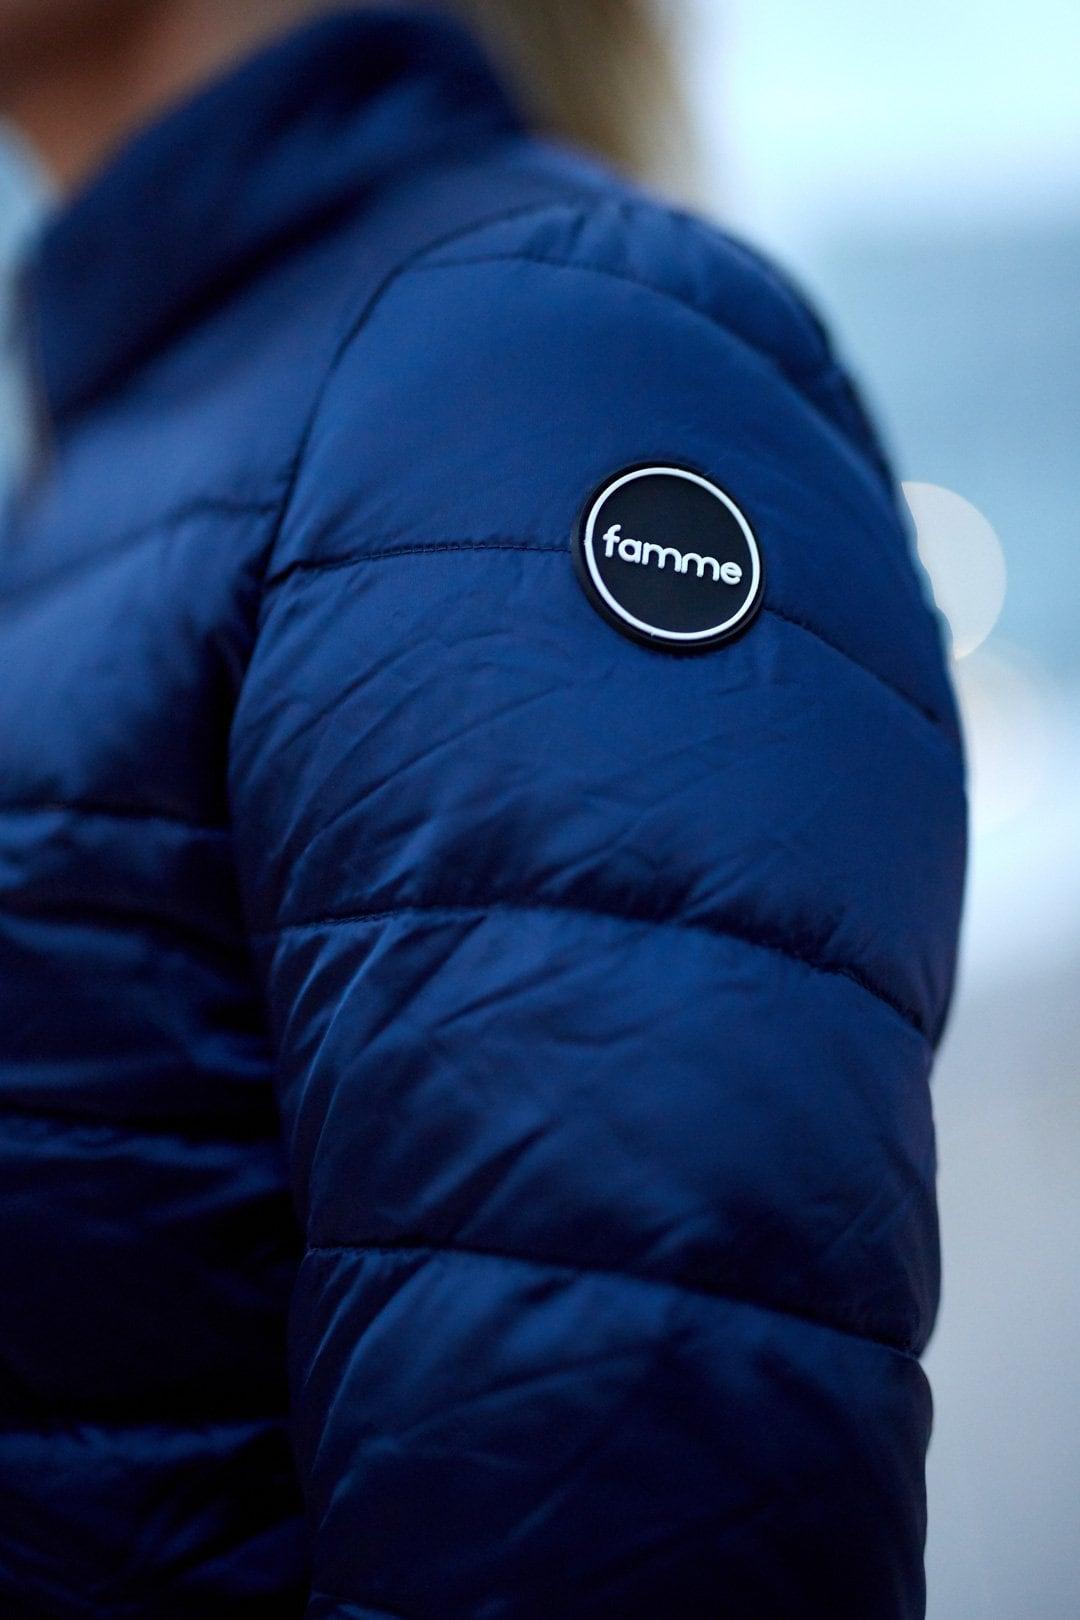 FAMME Navy Blue Caliente Jacket citj-nb e